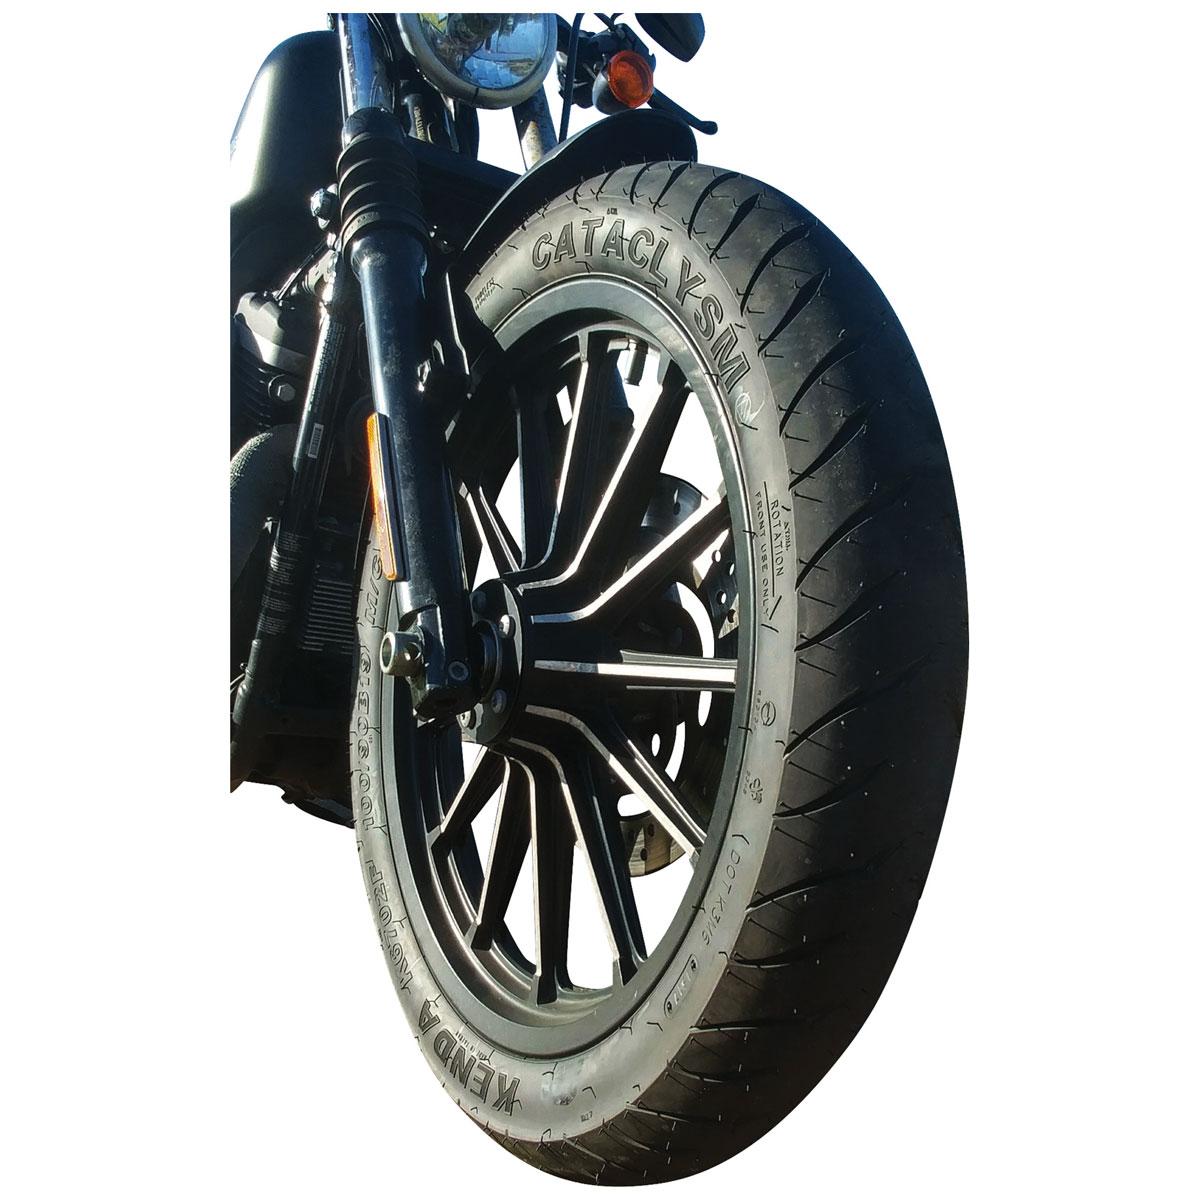 K6702 Cataclysm Front Tires~2013 Harley Davidson FLTRU Road Glide Ultra